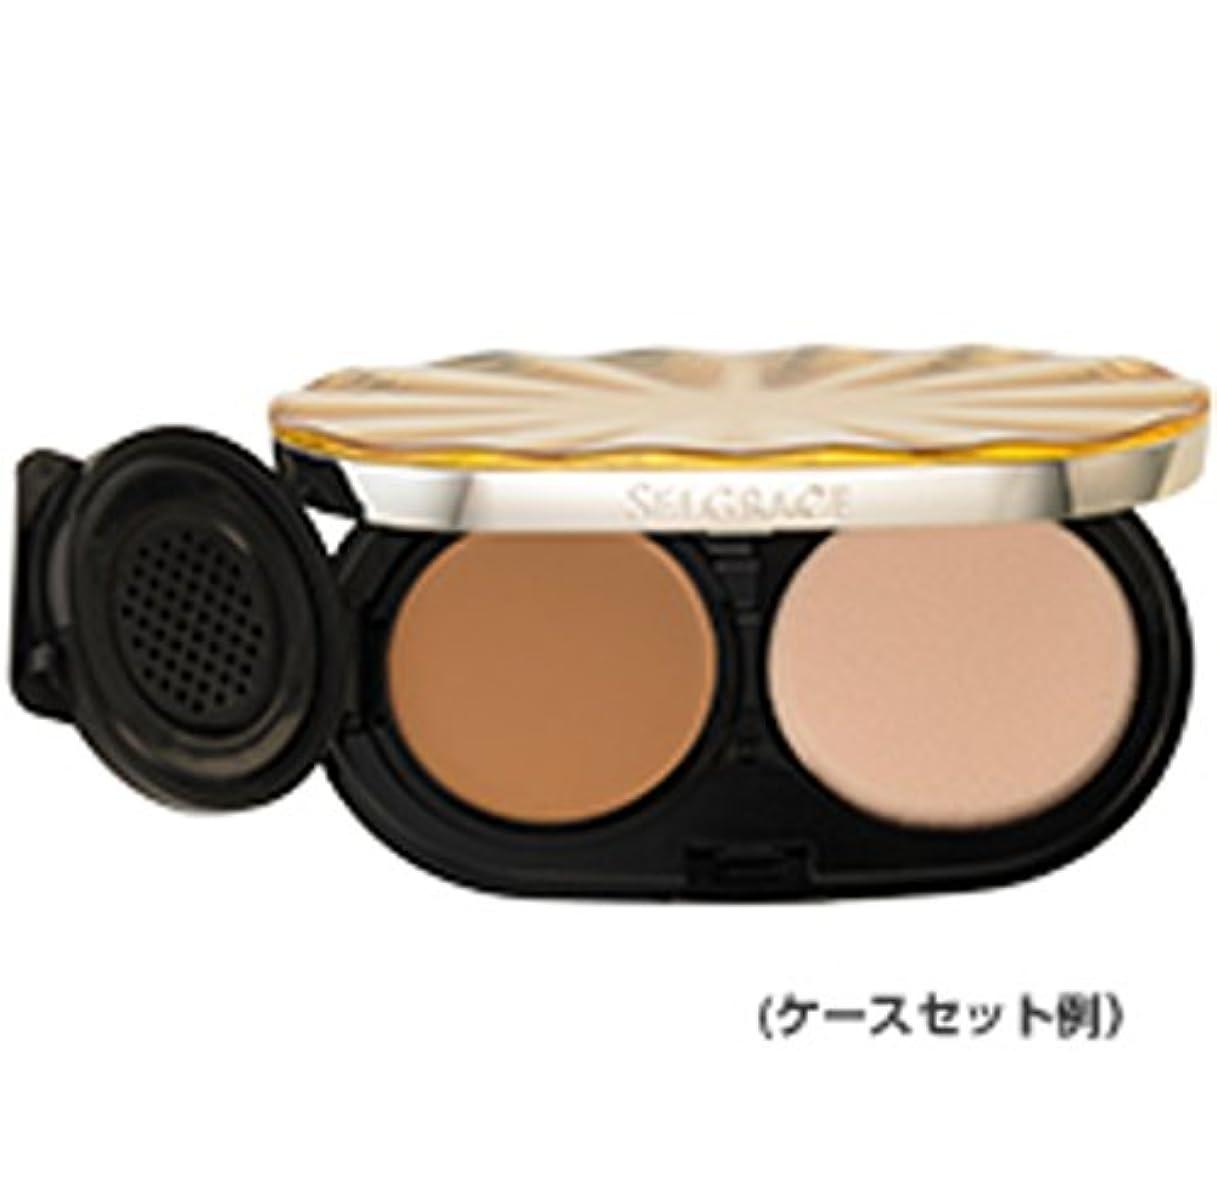 毒不調和有限ナリス化粧品 セルグレース ベースインパクト ファンデーション 130 ライトピンクベージュ レフィル (スポンジ付き)